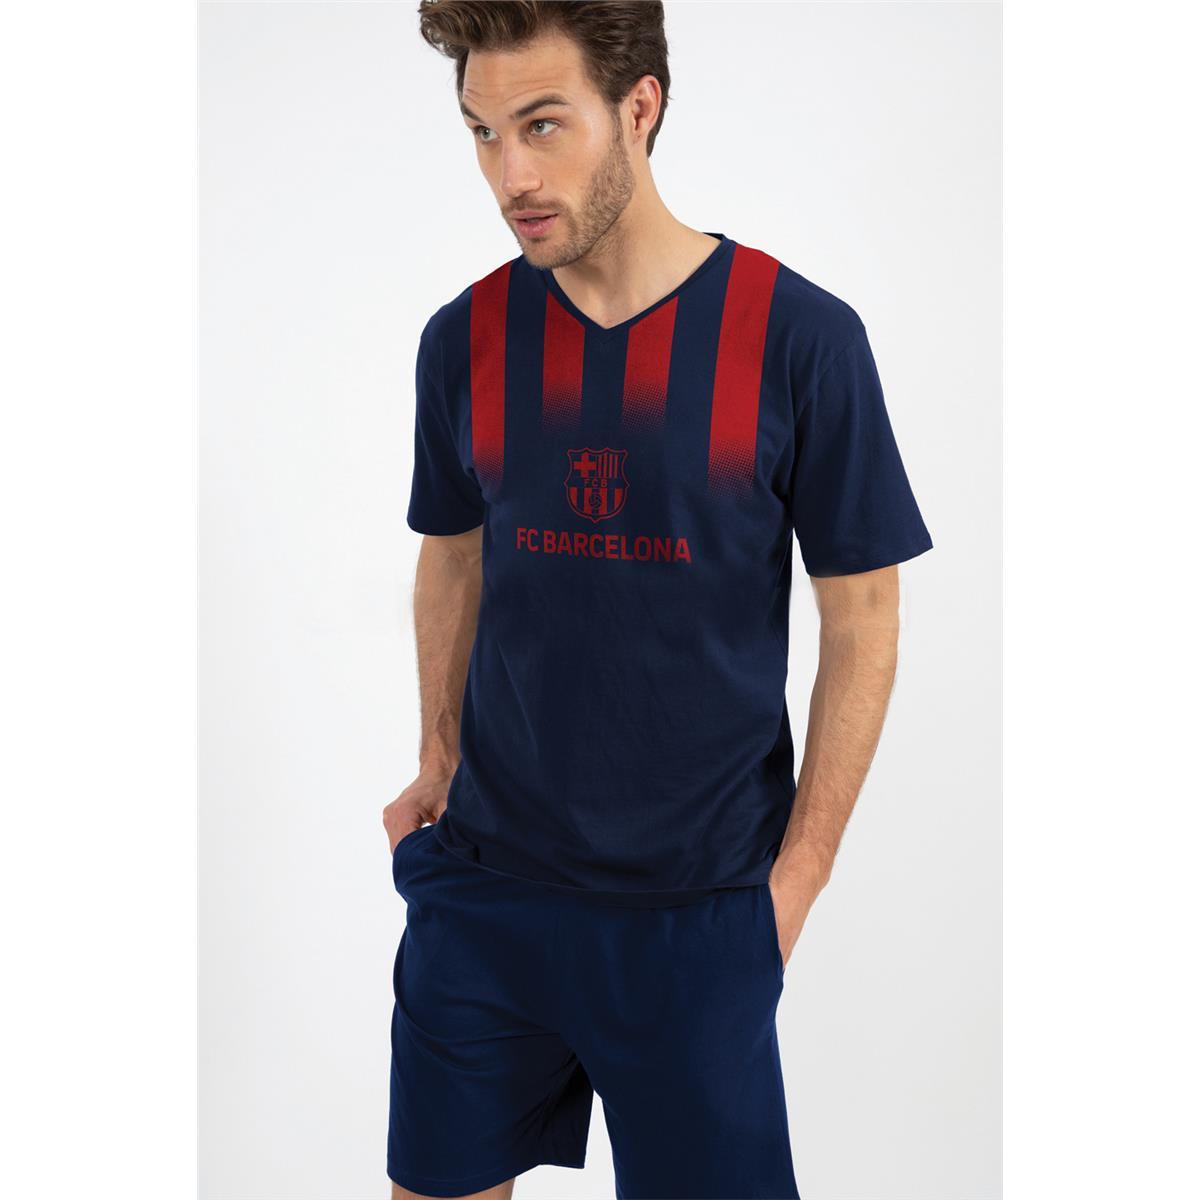 Pijama Fc Barcelona Verano De Hombre Tallas M L Xl Xxl Montse Interiors